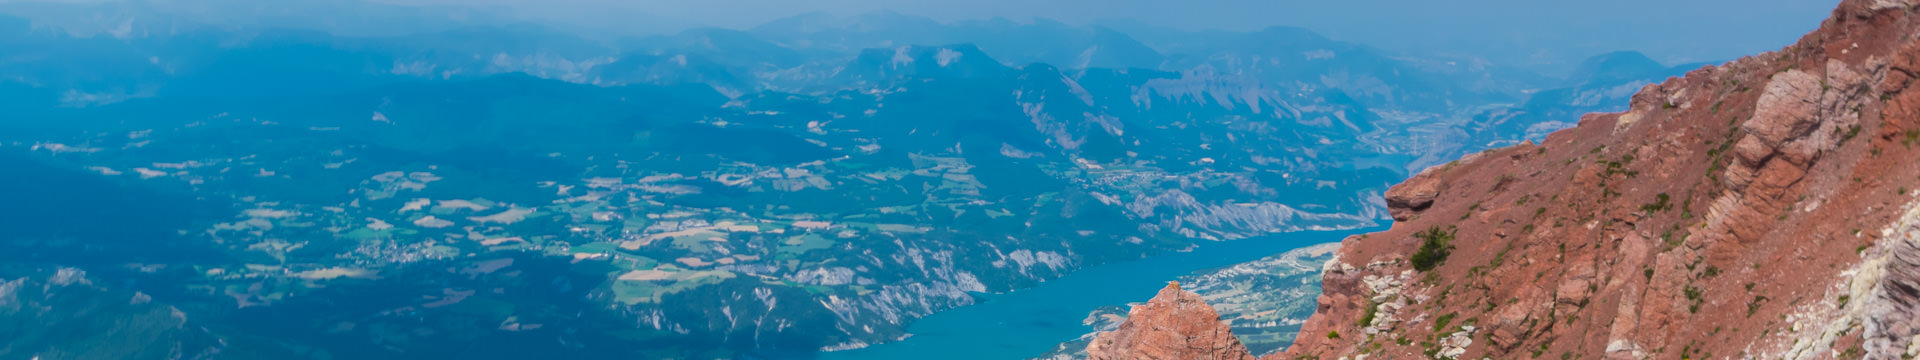 Les plus belles randonnées et balades autour du lac de Serre-Ponçon